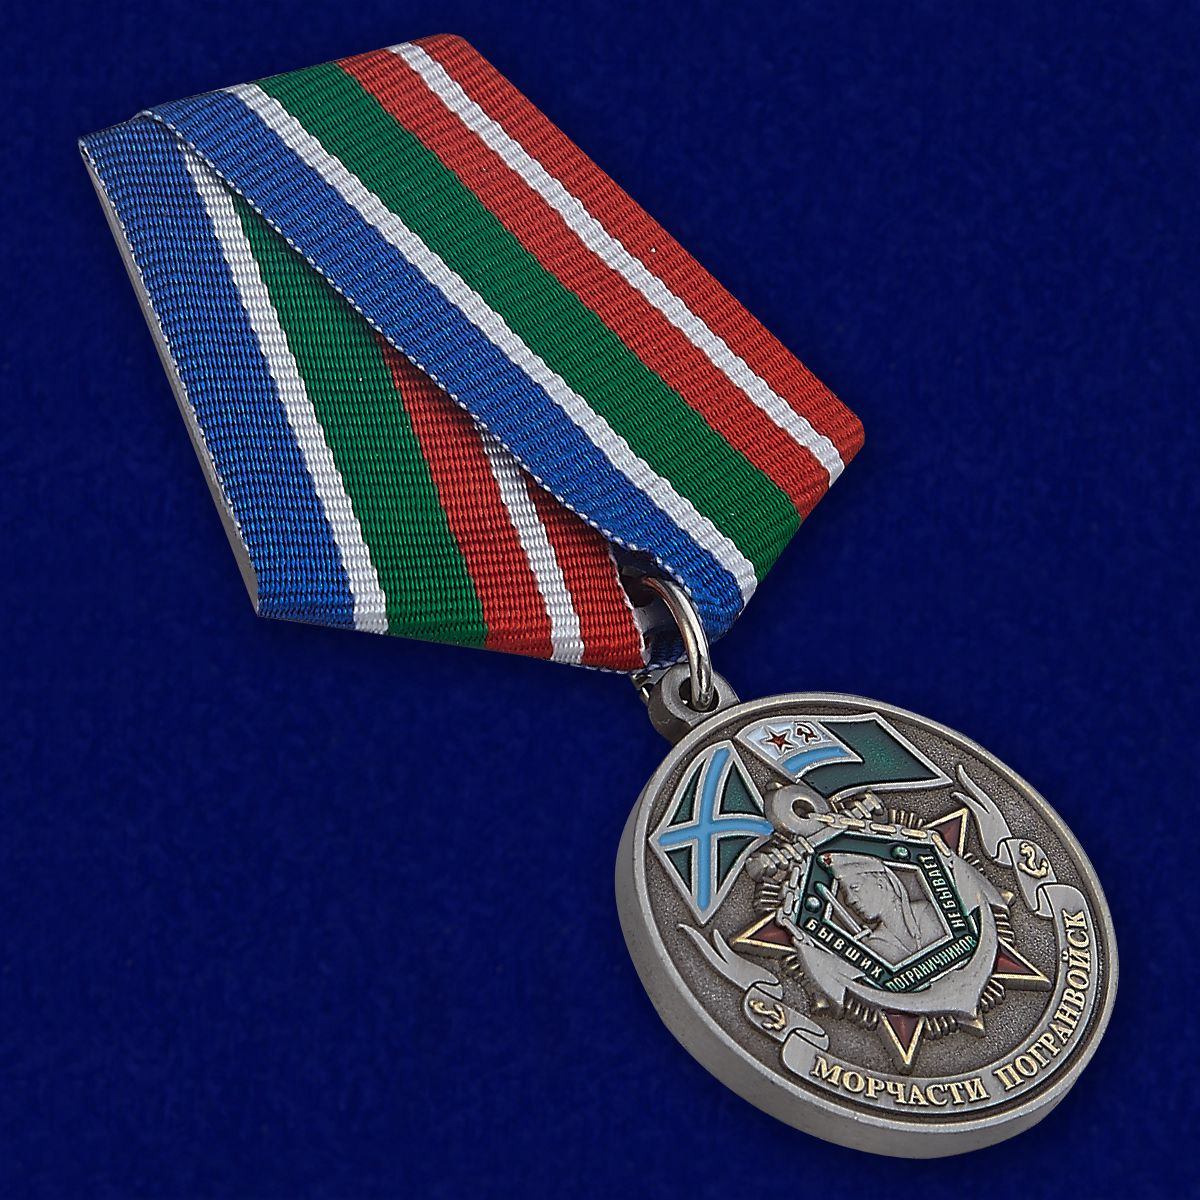 Медаль Ветеран Морчастей Погранвойск - общий вид